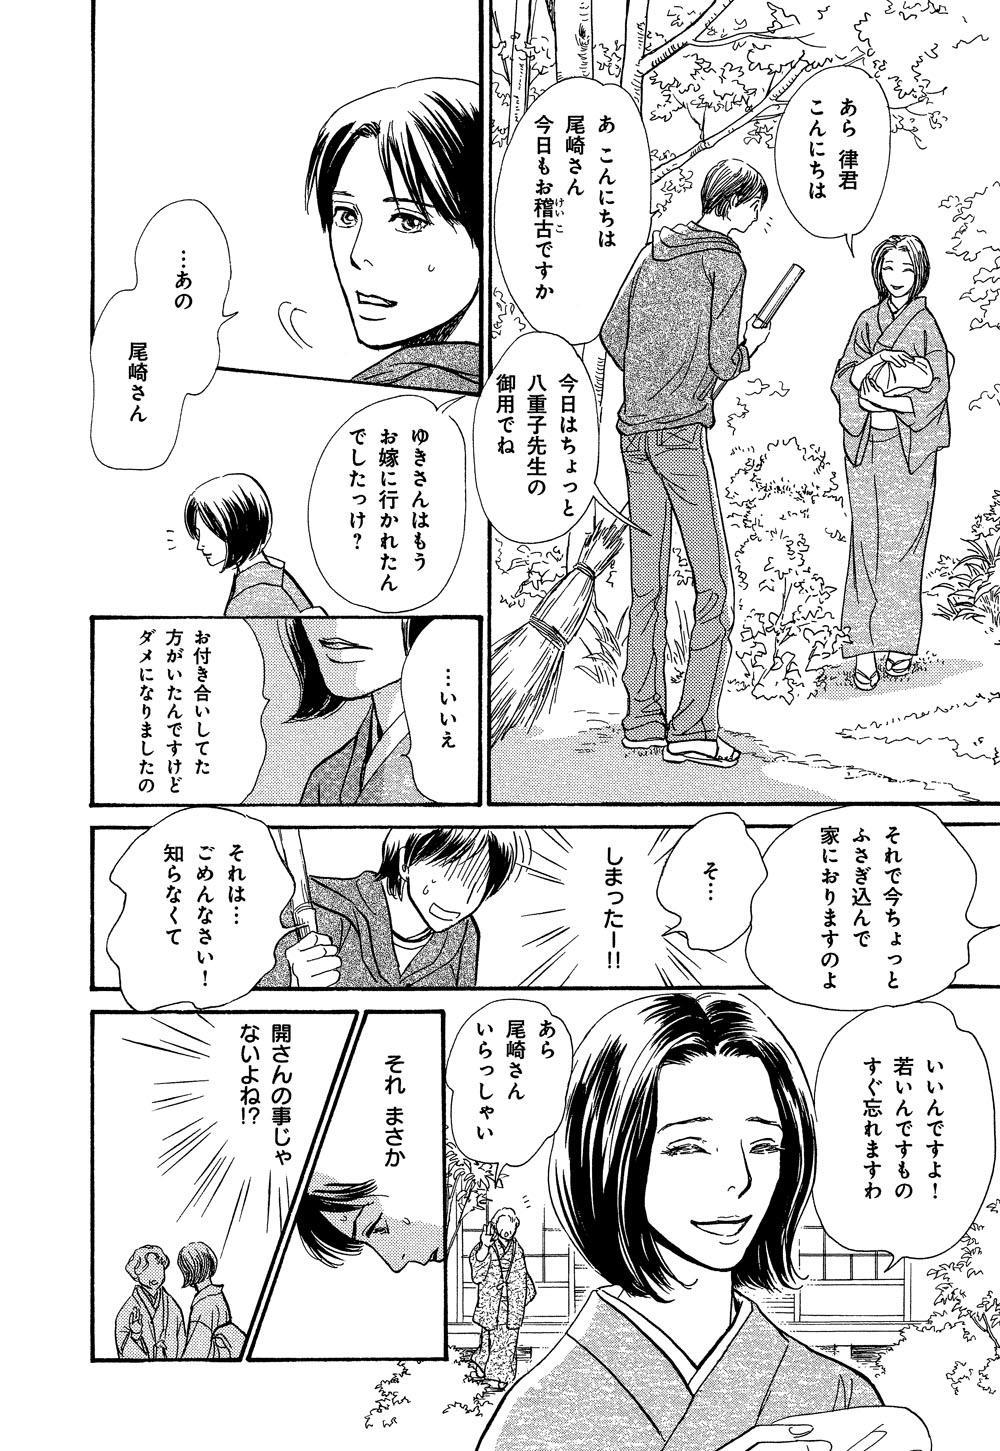 hyakki_0021_0016.jpg